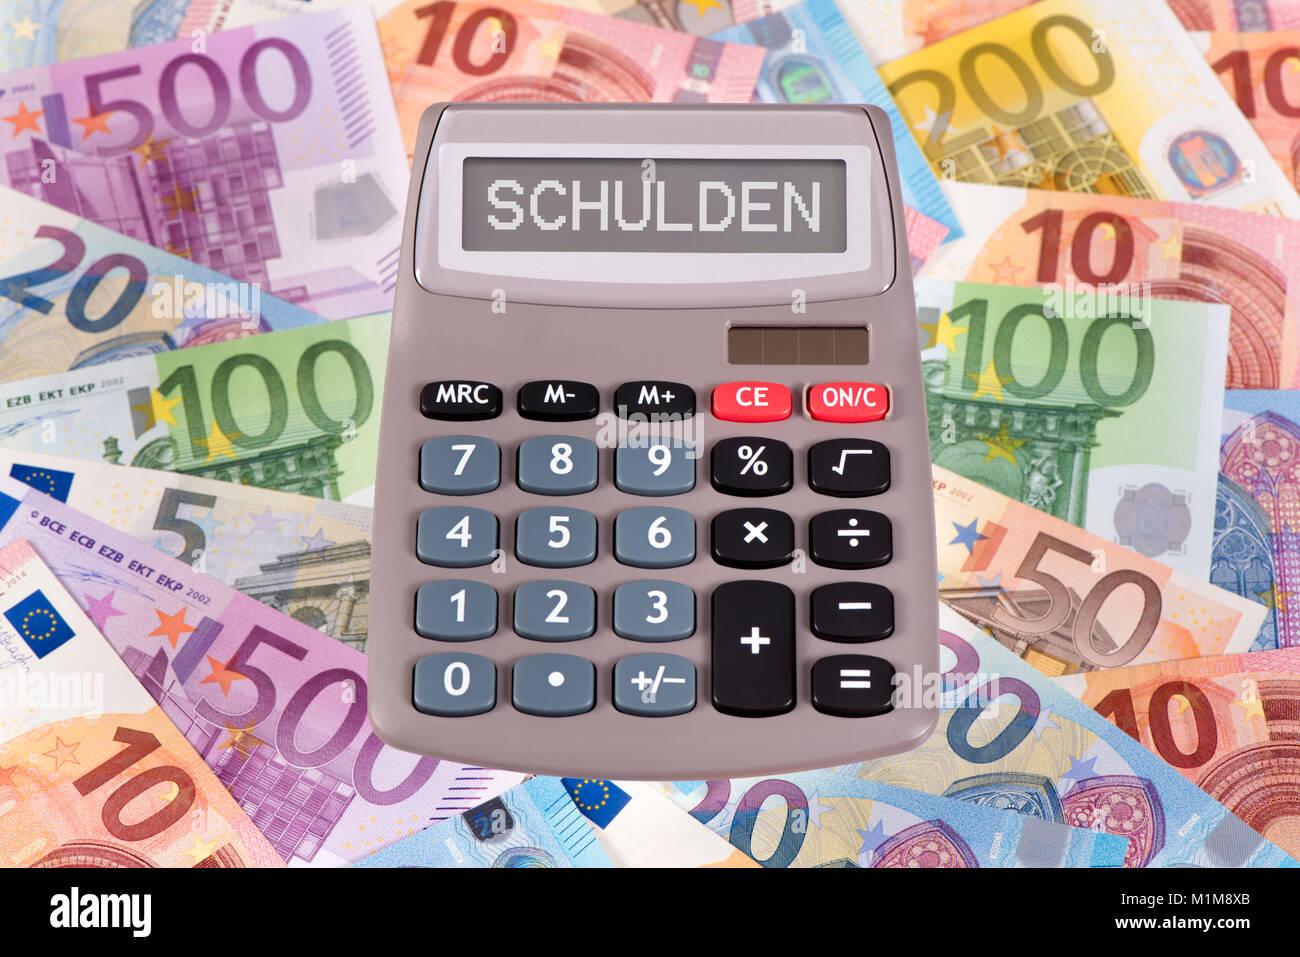 Finanzen, Finanzierung und Schulden - Stock Image